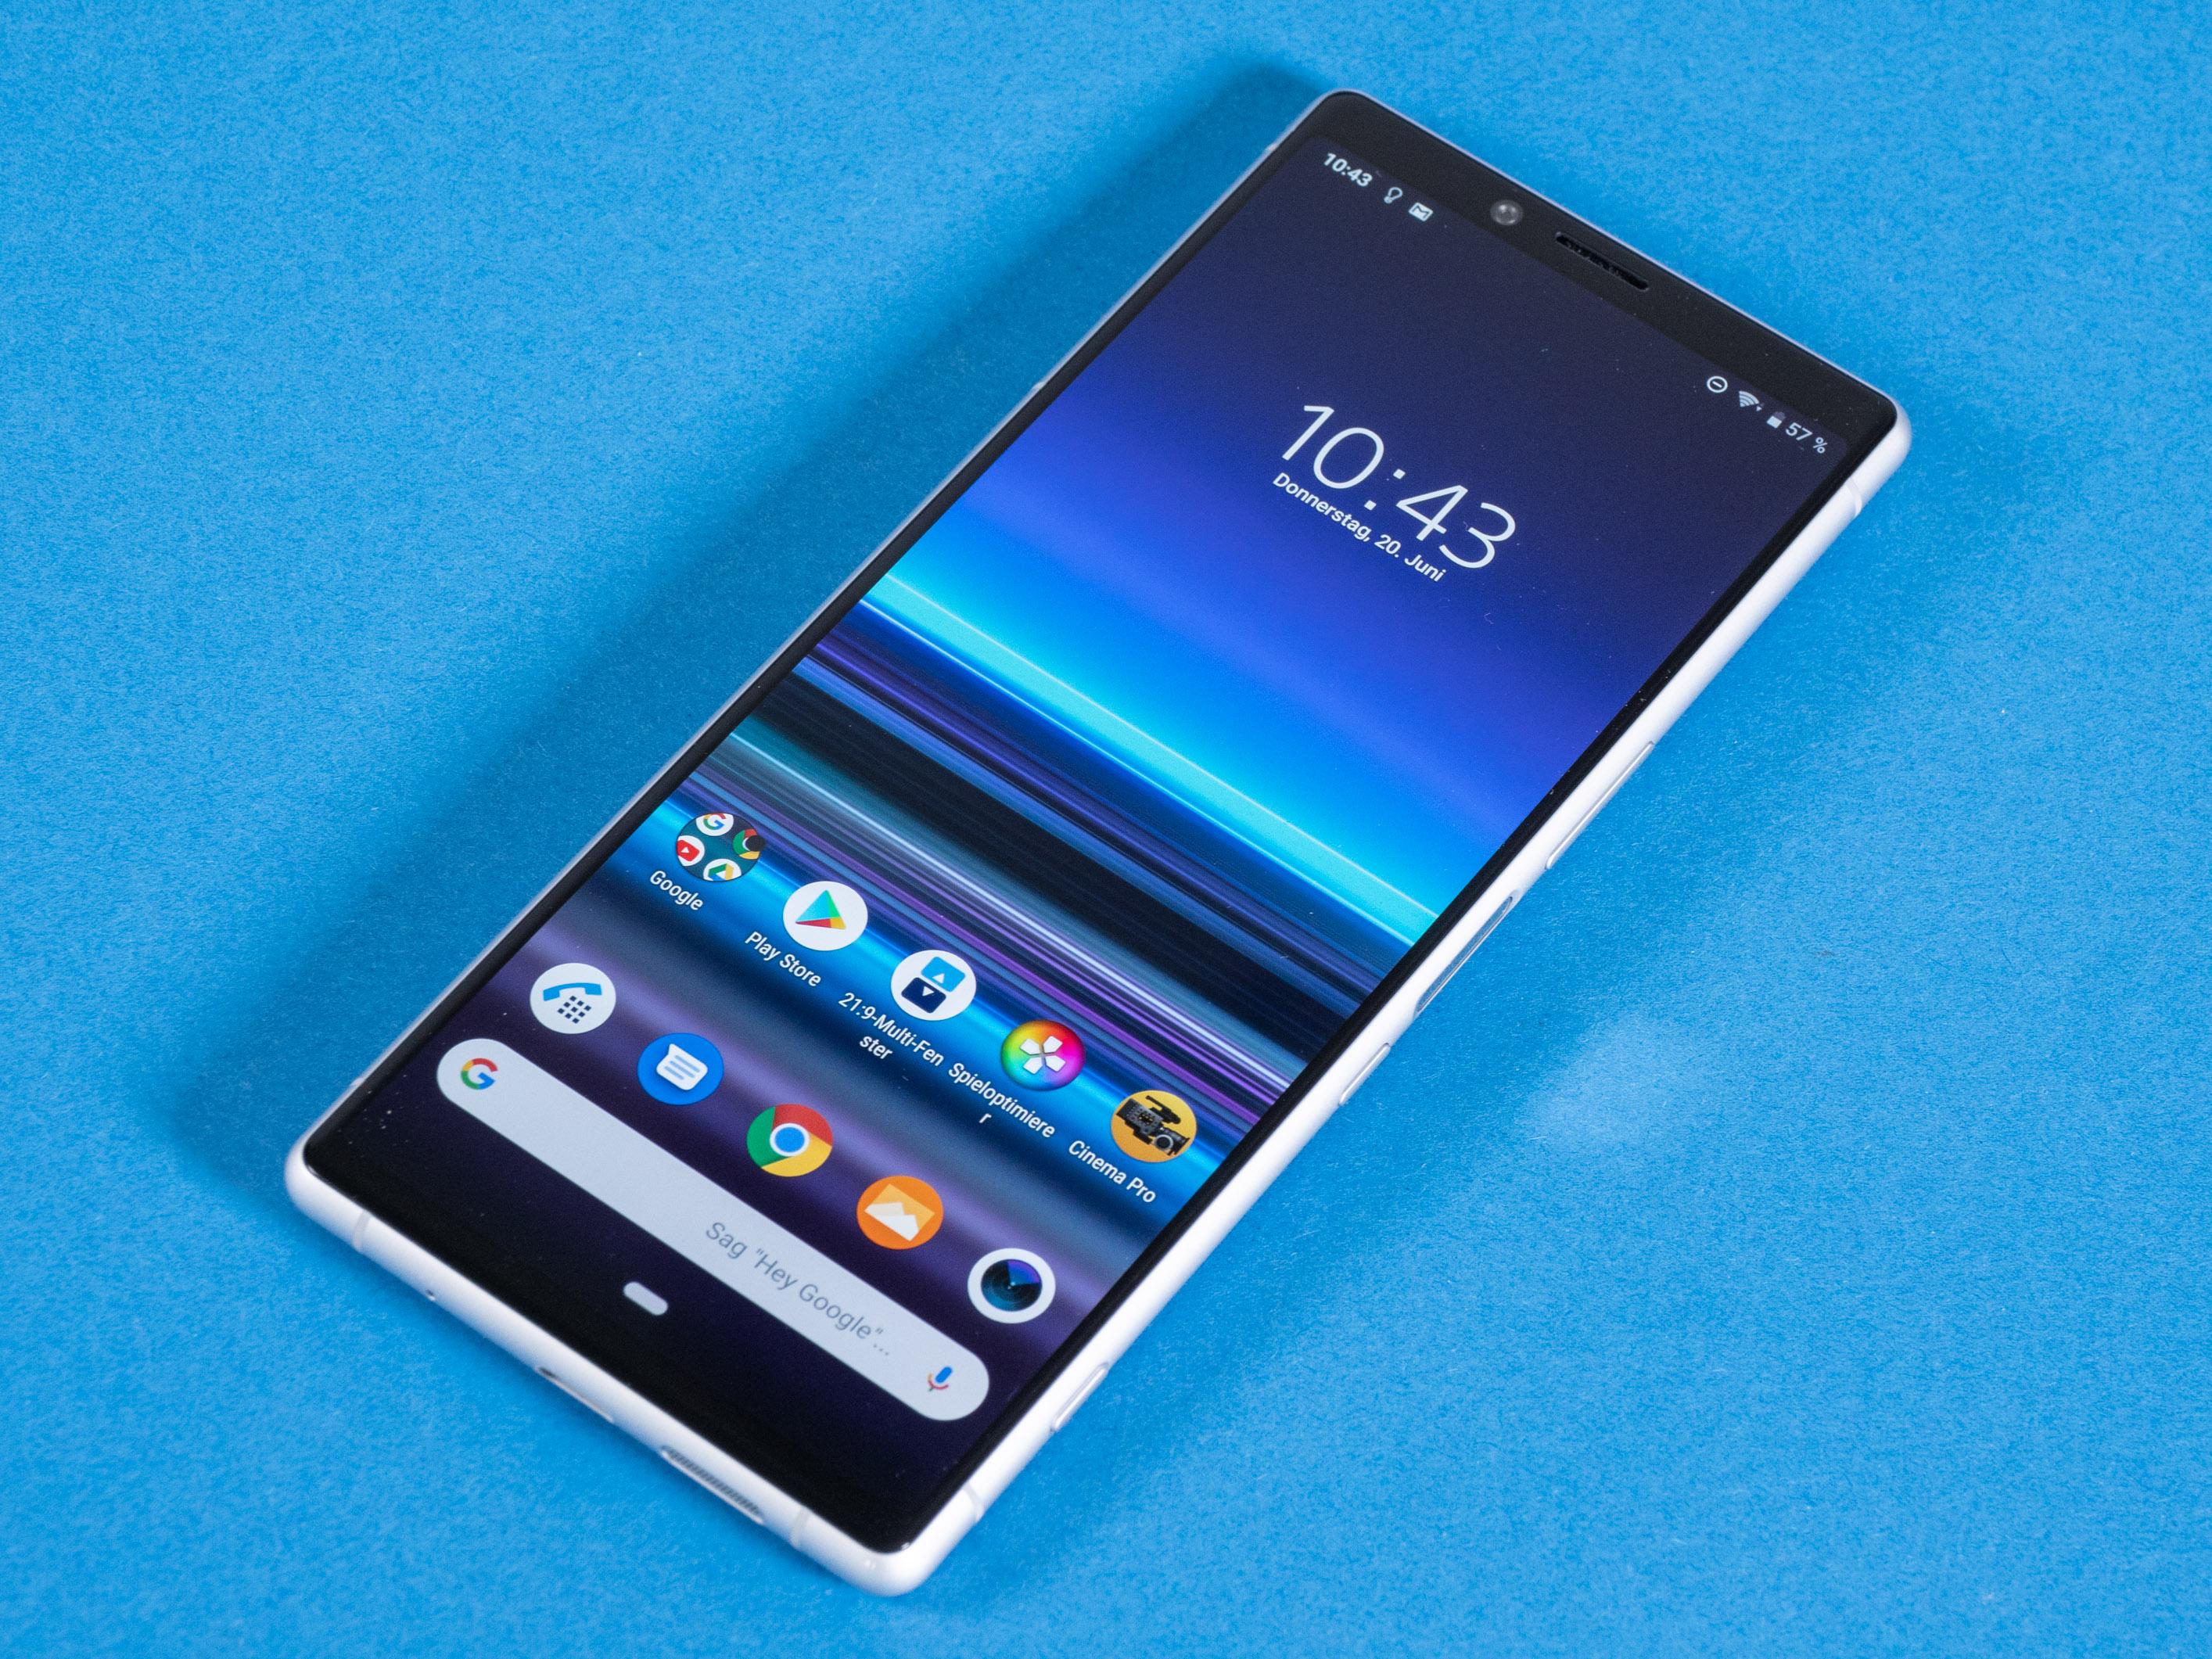 Xperia 1 im Test: Das Smartphone für Filmfans - Das Xperia 1 kostet 950 Euro. (Bild: Martin Wolf/Golem.de)